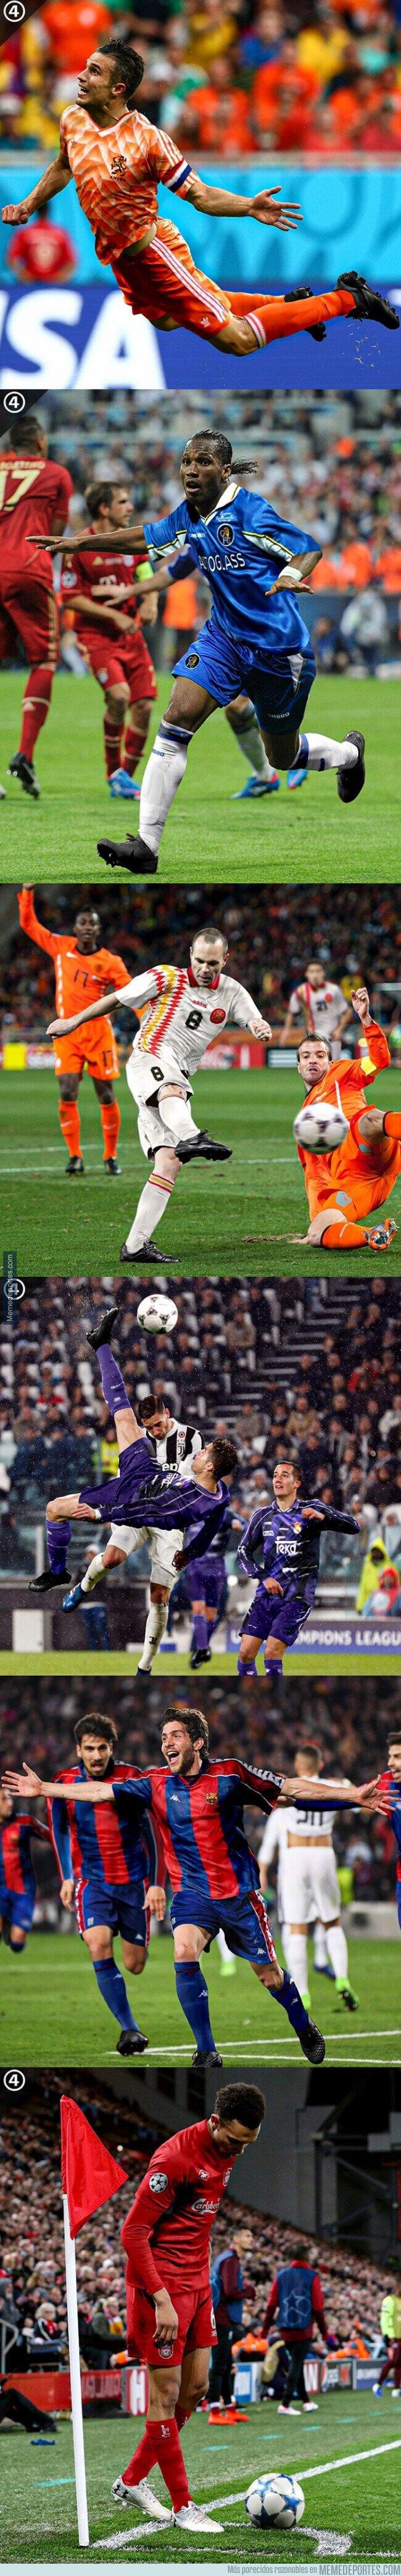 1098193 - Momentos épicos de la historia del fútbol con camisetas retro, por @433